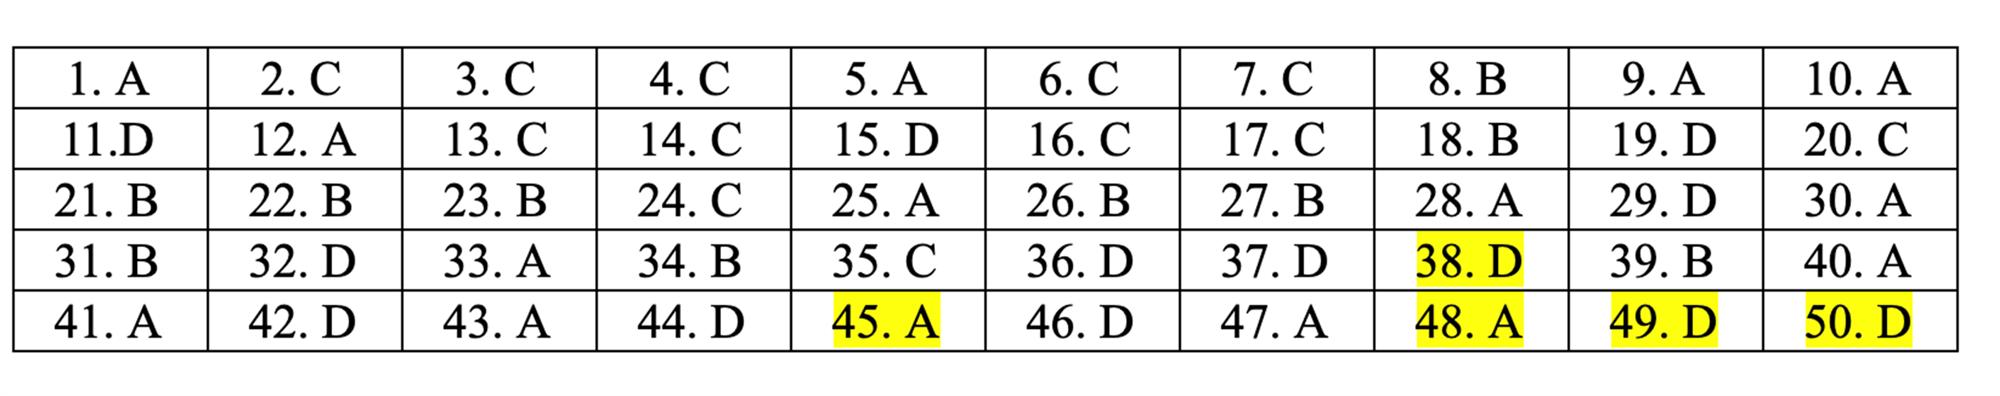 Đáp án tham khảo môn Toán thi THPT quốc gia 2019 tất cả mã đề-20